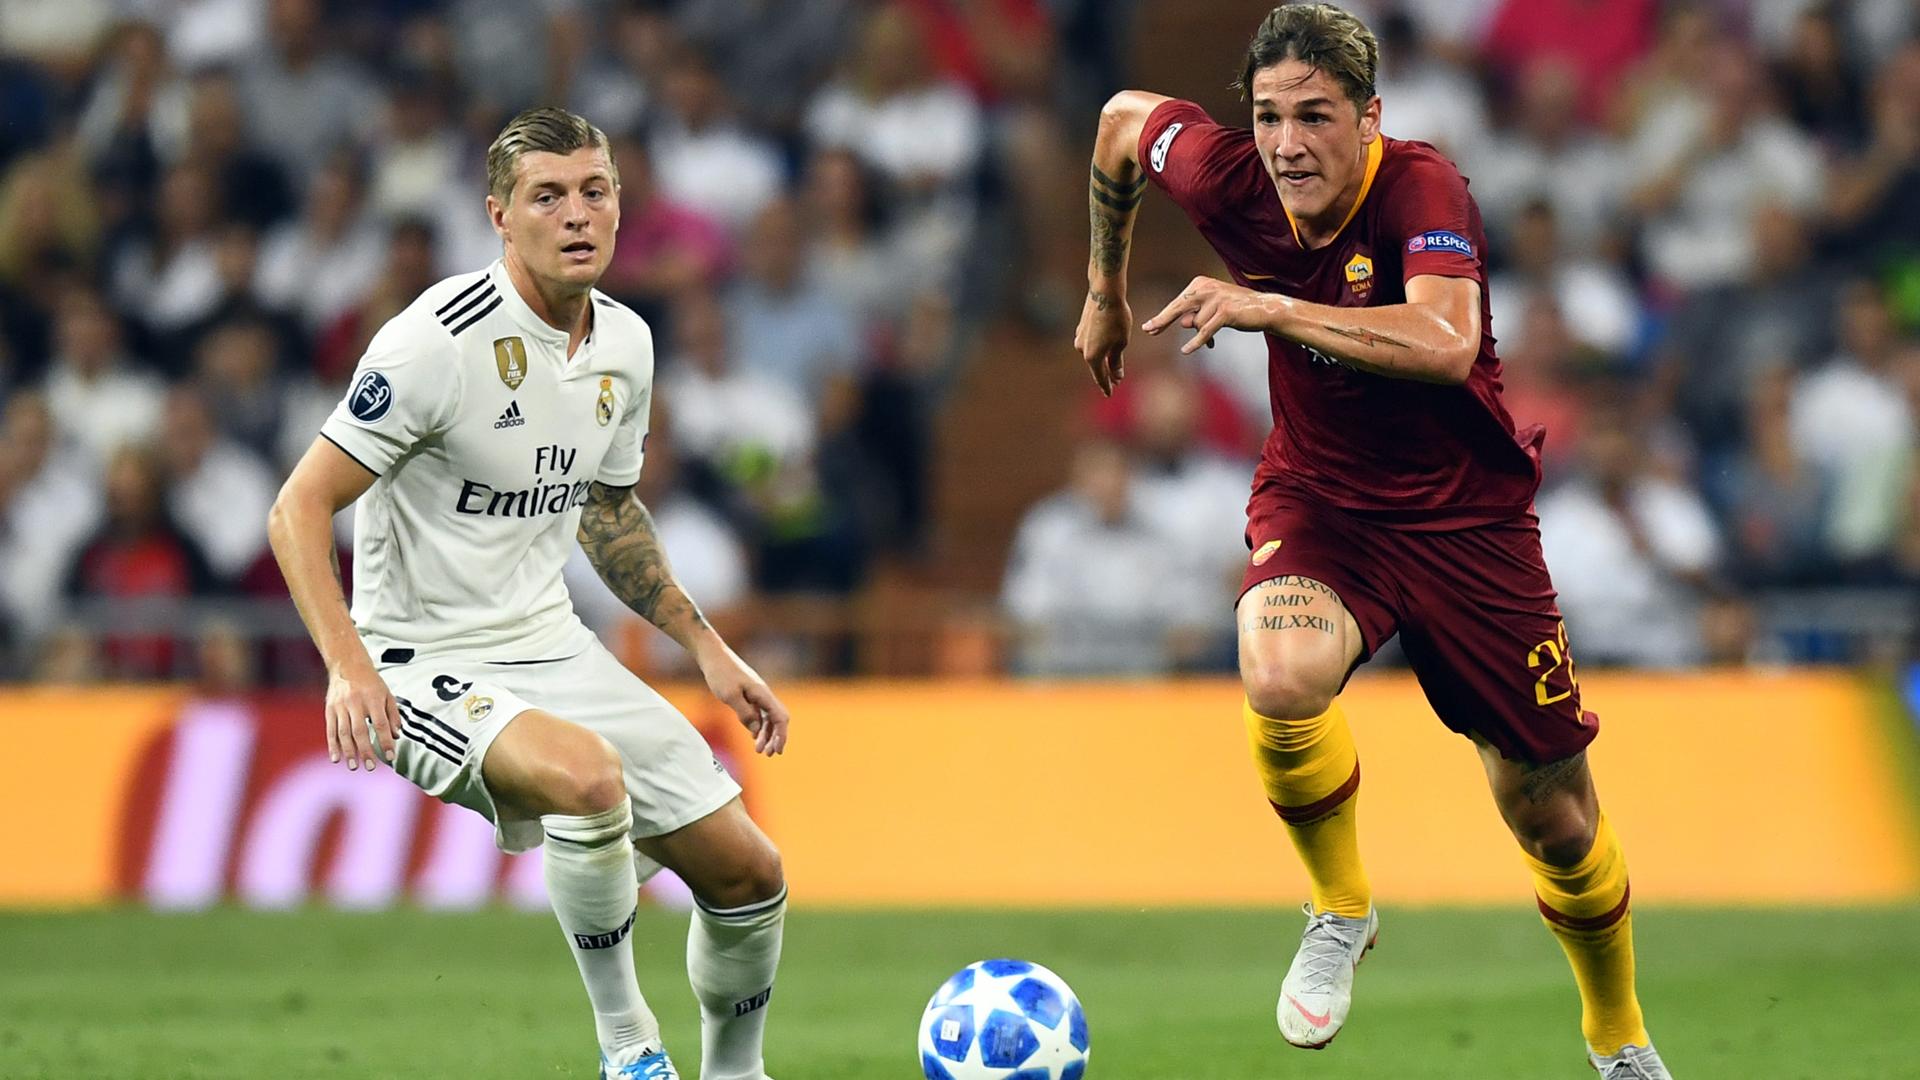 Roma, la top 11 di Zaniolo: De Rossi e 5 giocatori del Real Madrid